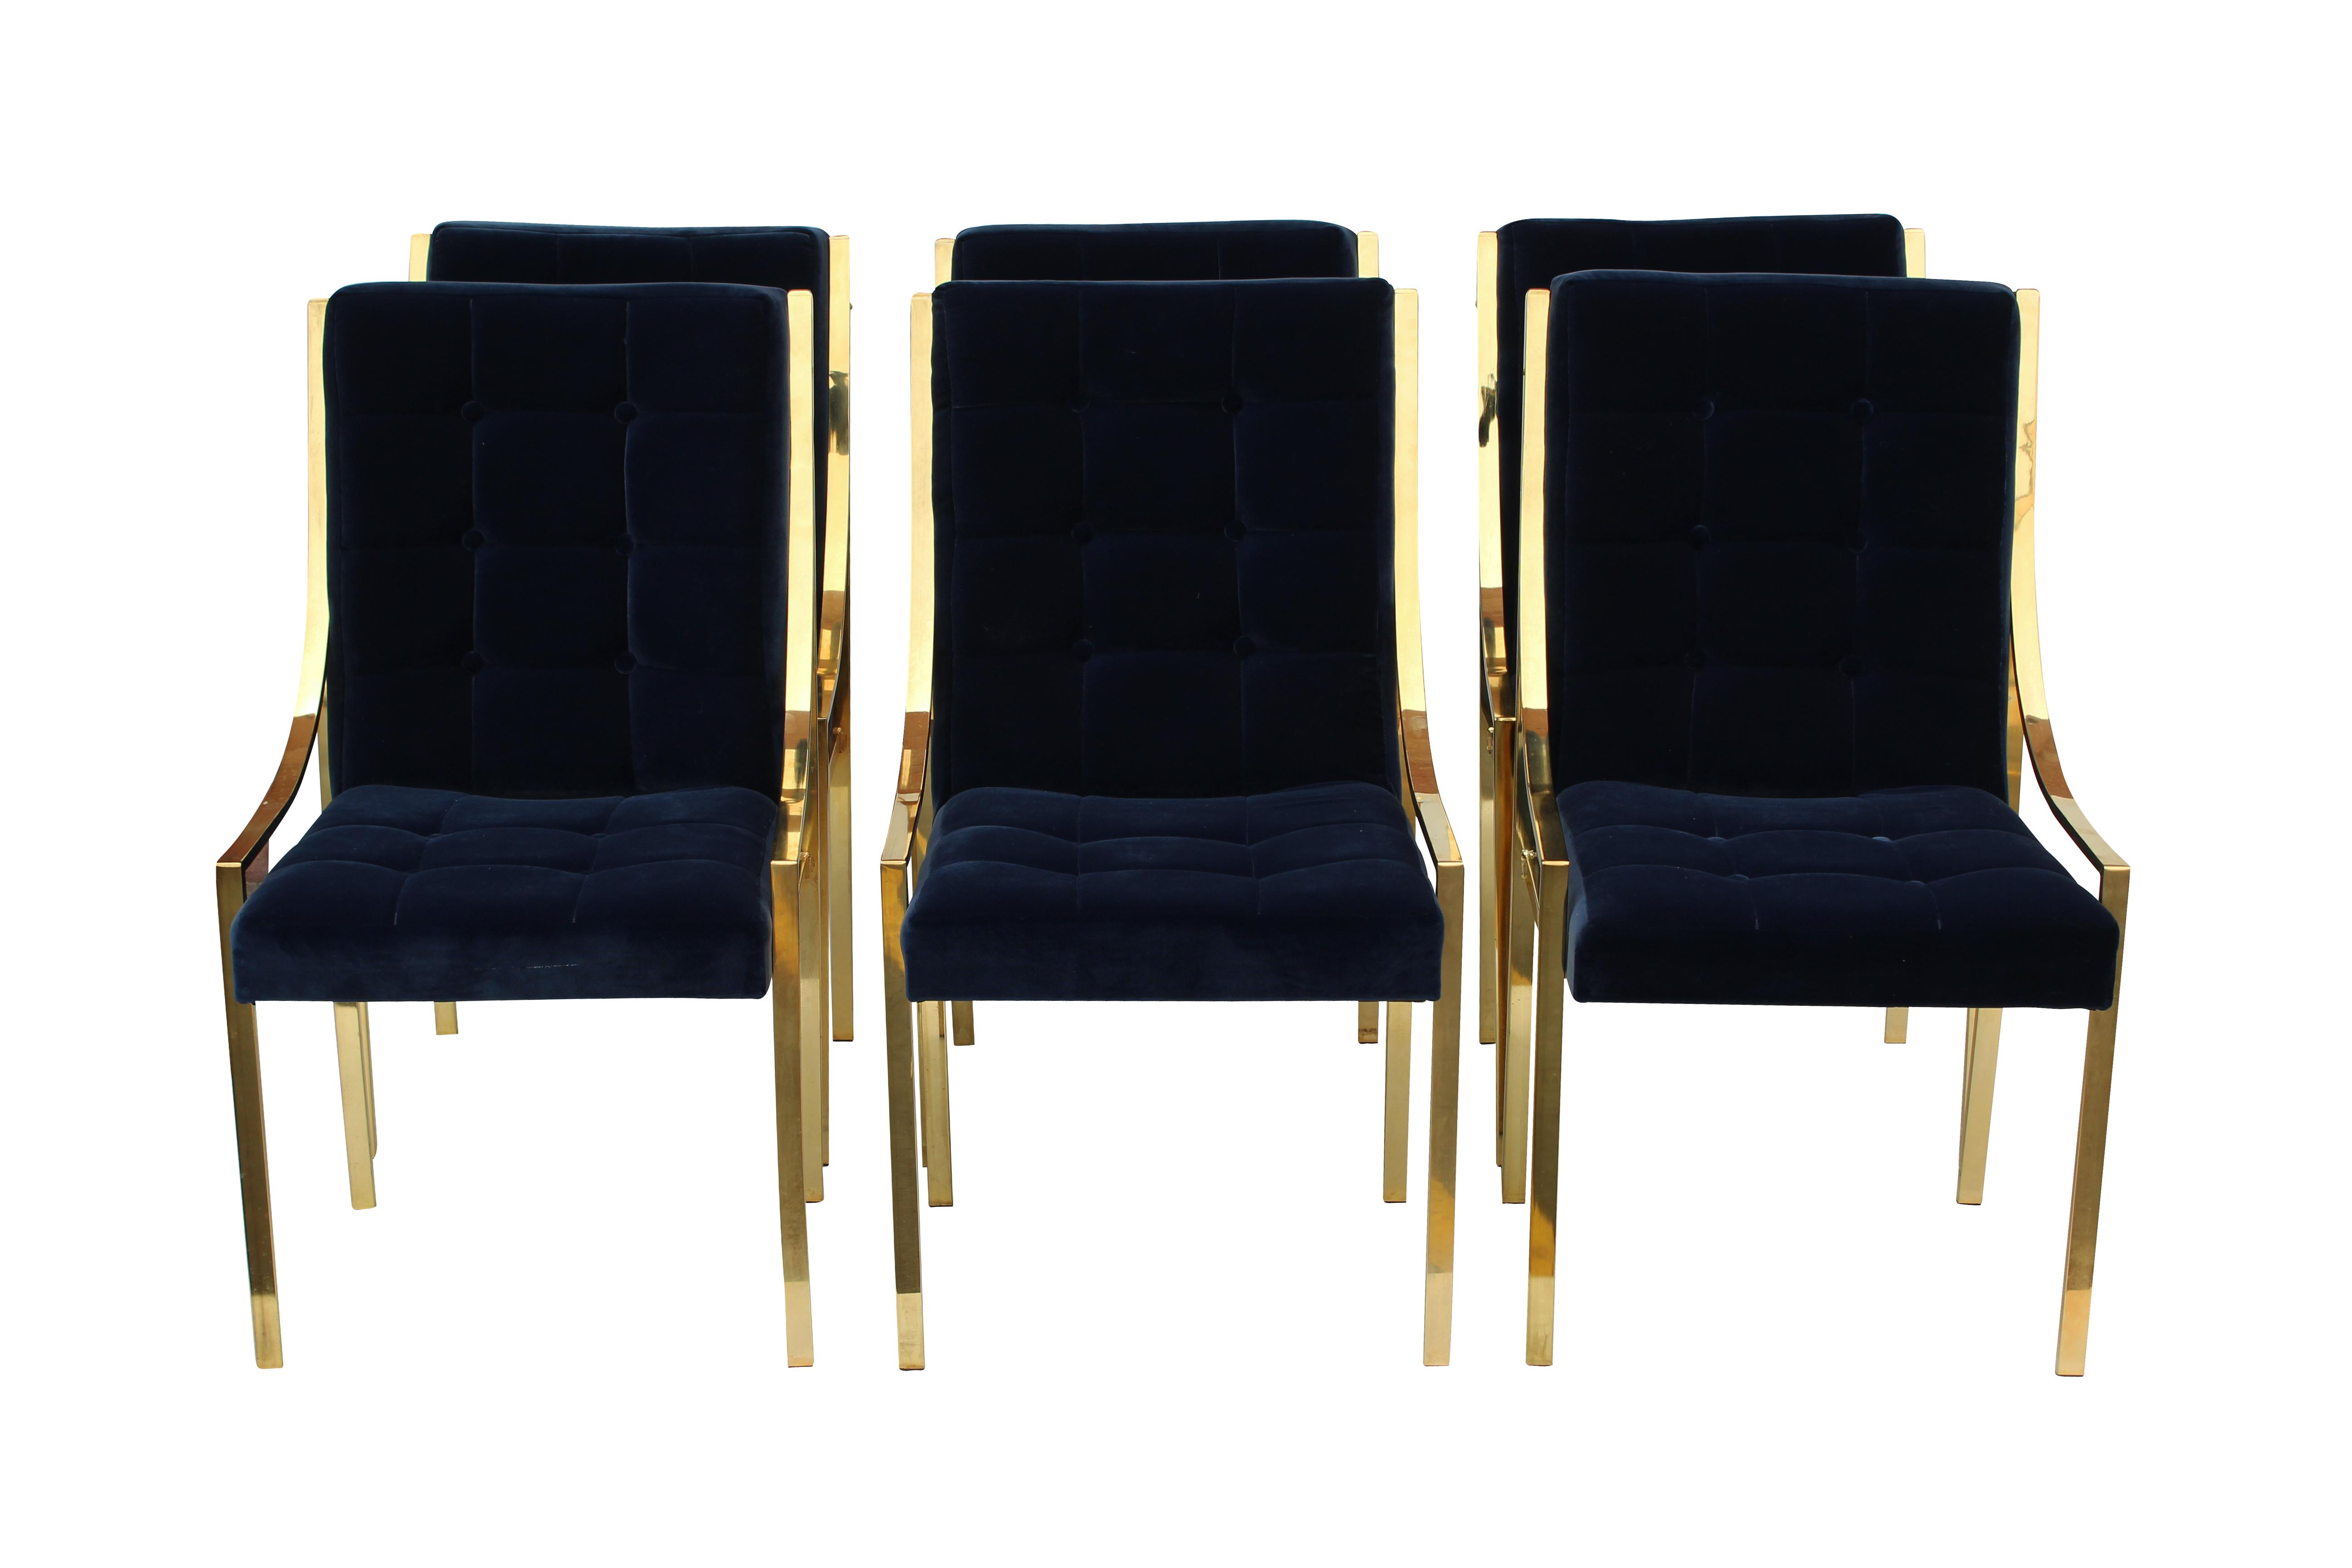 Bassett Furniture Blue Velvet U0026 Brass Dining Chairs   Set Of 6   Image 3 Of